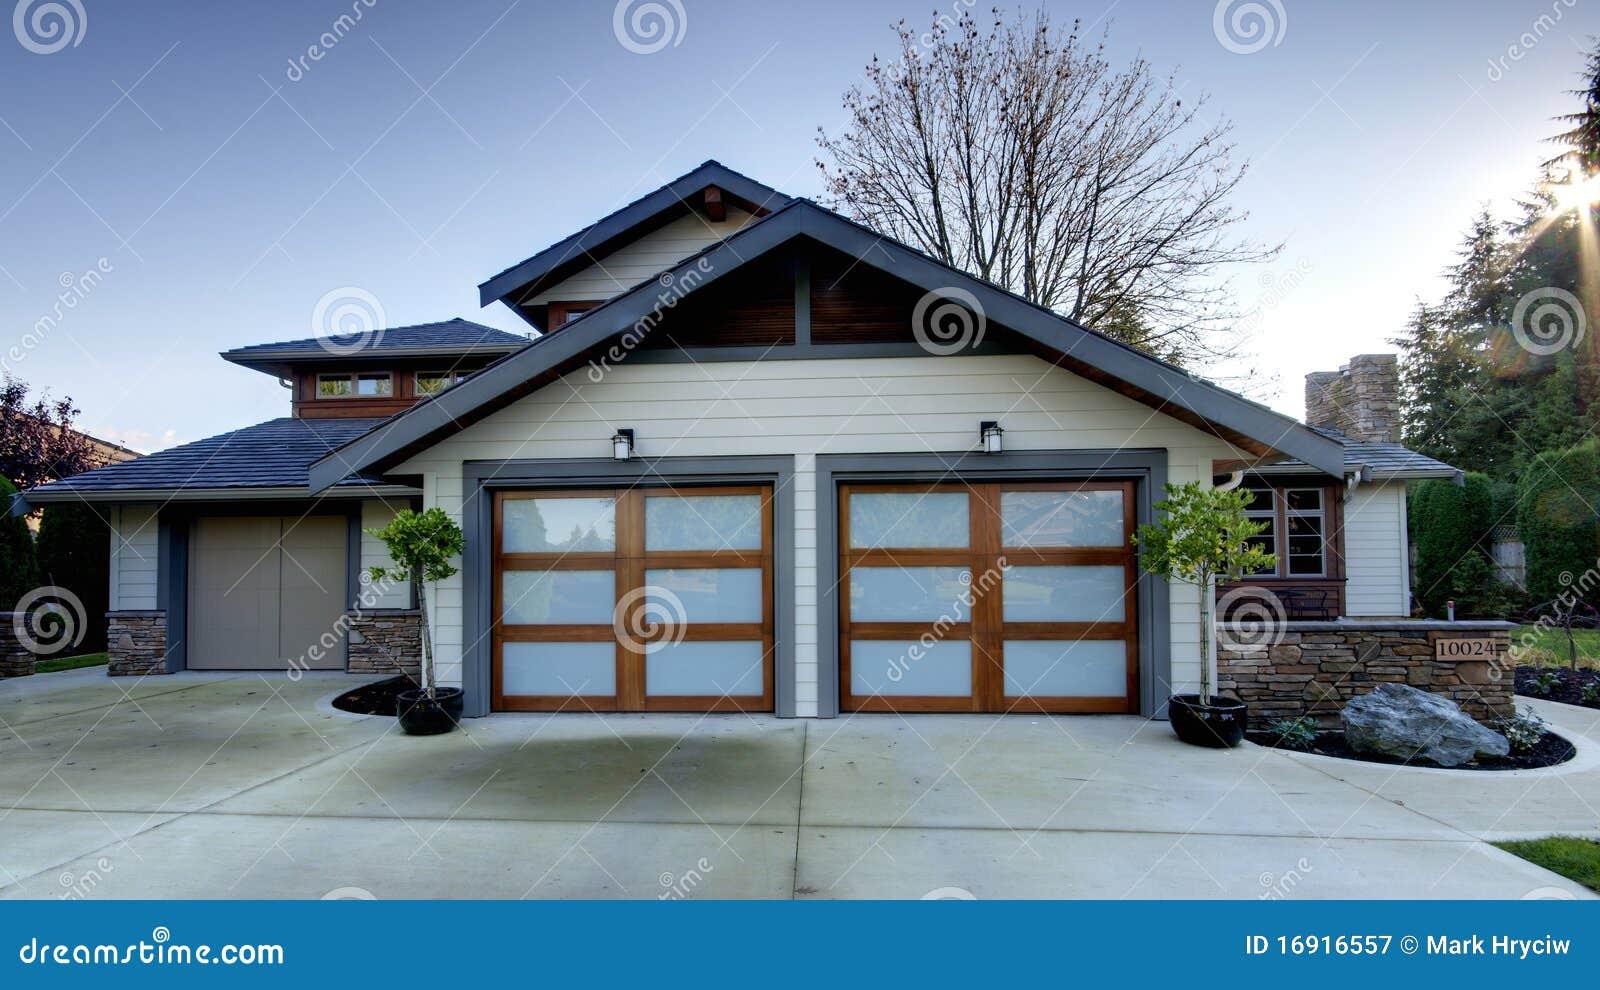 Home House Exterior